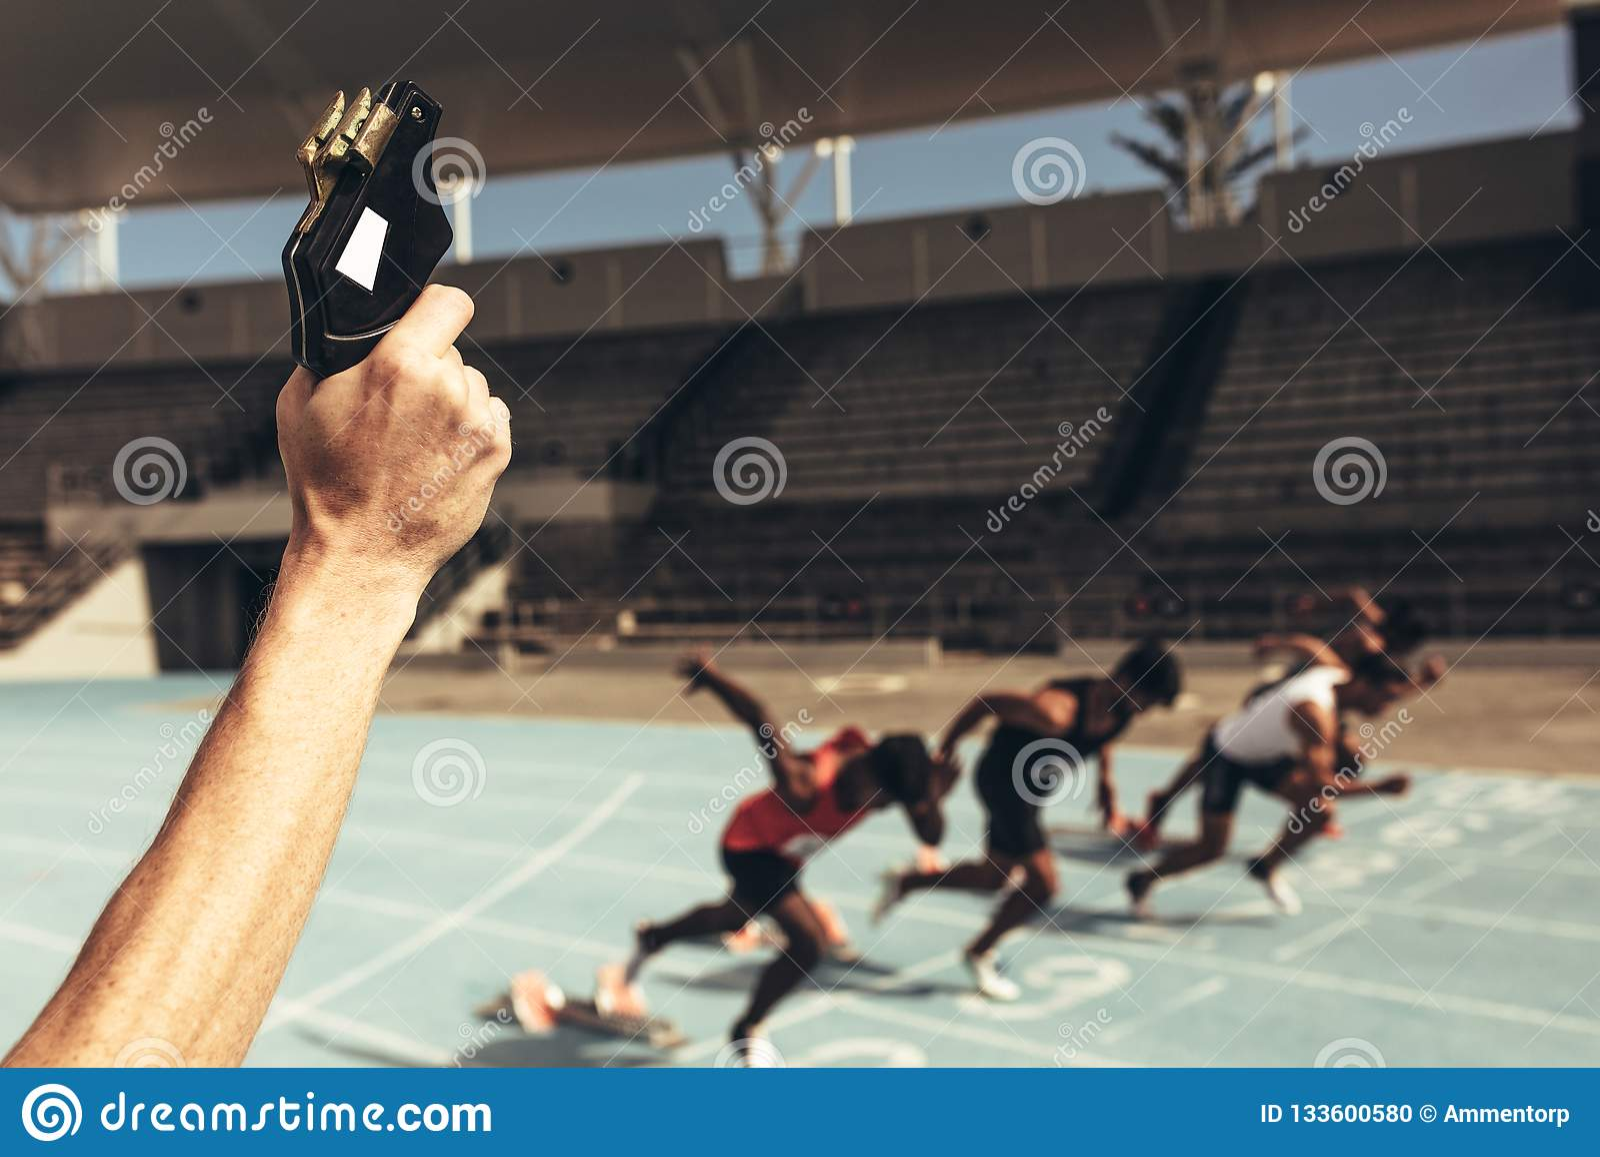 Athleten, die ein Rennen in einem Leichtathletikstadion laufen lassen